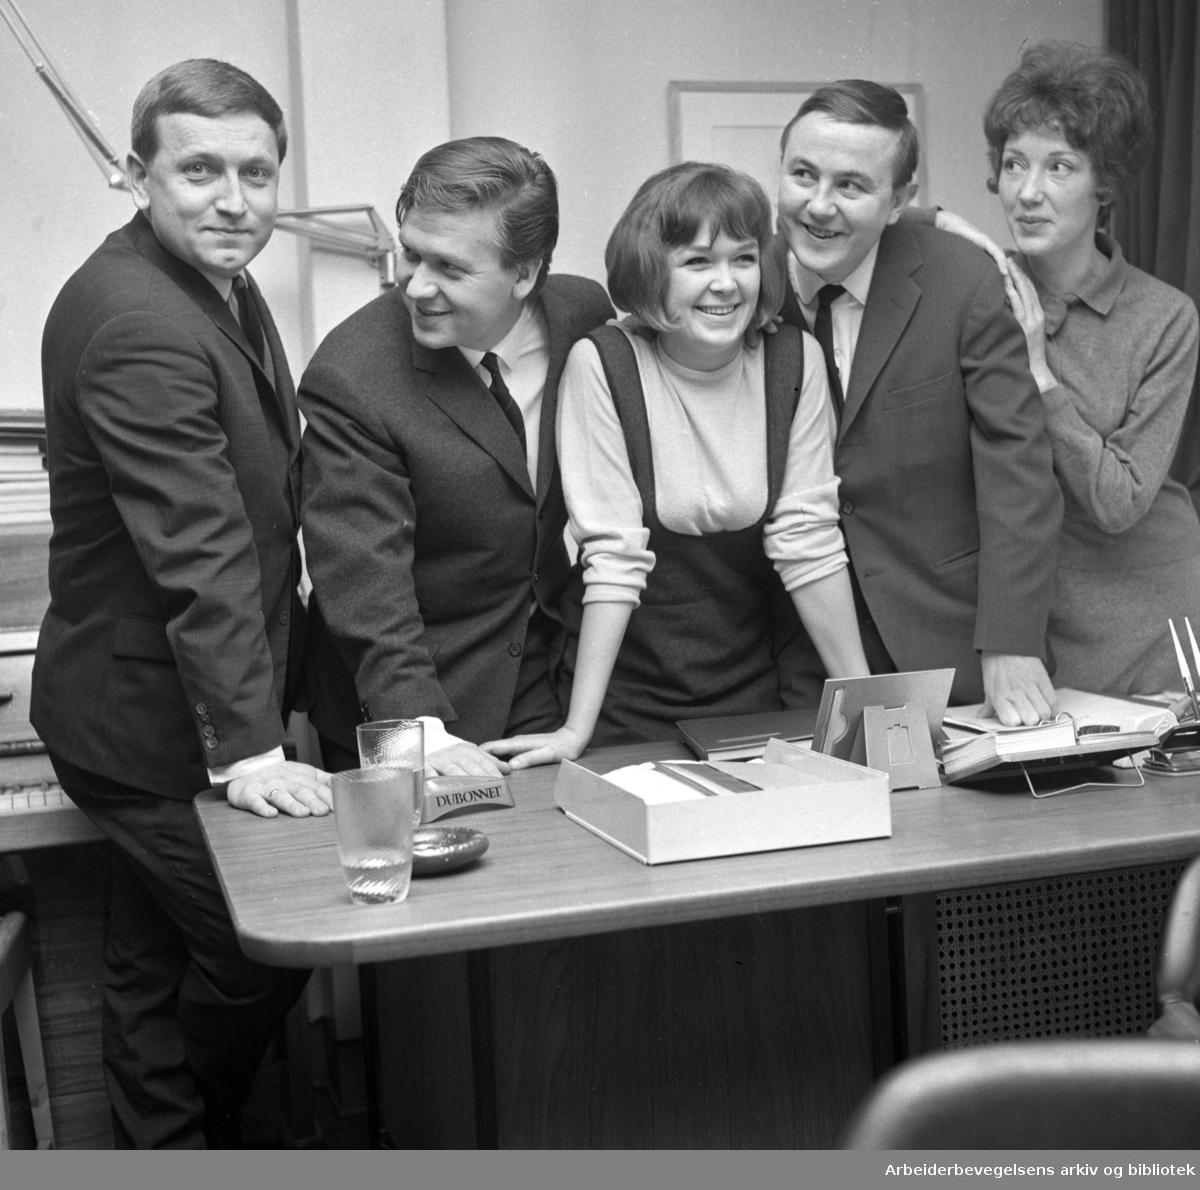 Lysthuset Revyteater..Fra venstre: Rolv Wesenlund, Harald Heide-Steen jr., Trulte Heide Steen, Svein Byhring og Eva Lystad..1965.